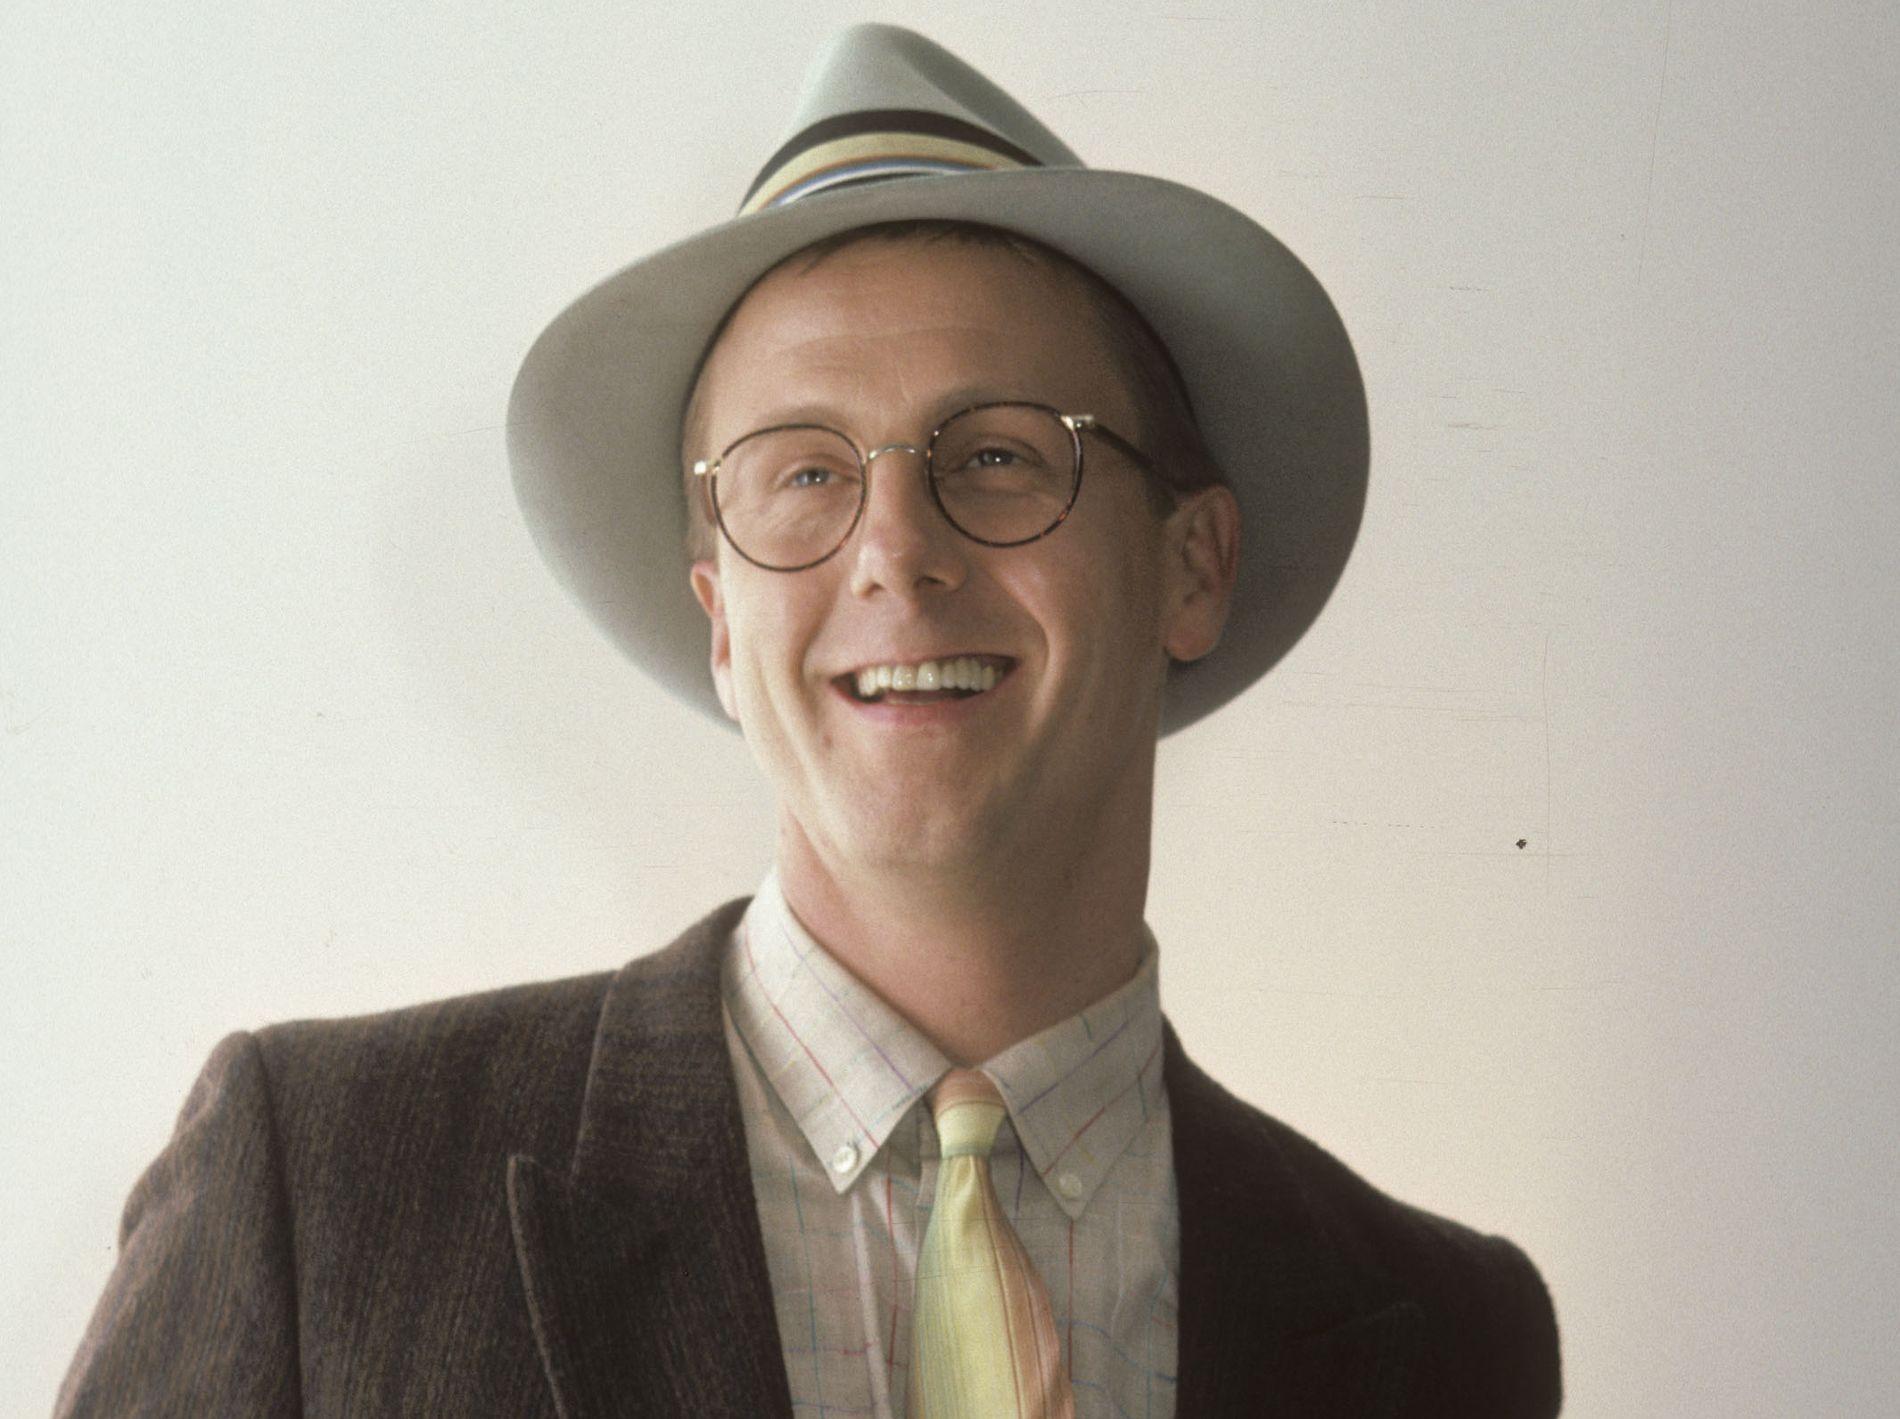 KULTSTJERNE: Harry Anderson, slik fansen husker ham best, under en veldedighetsgalla i Los Angeles i 1986.